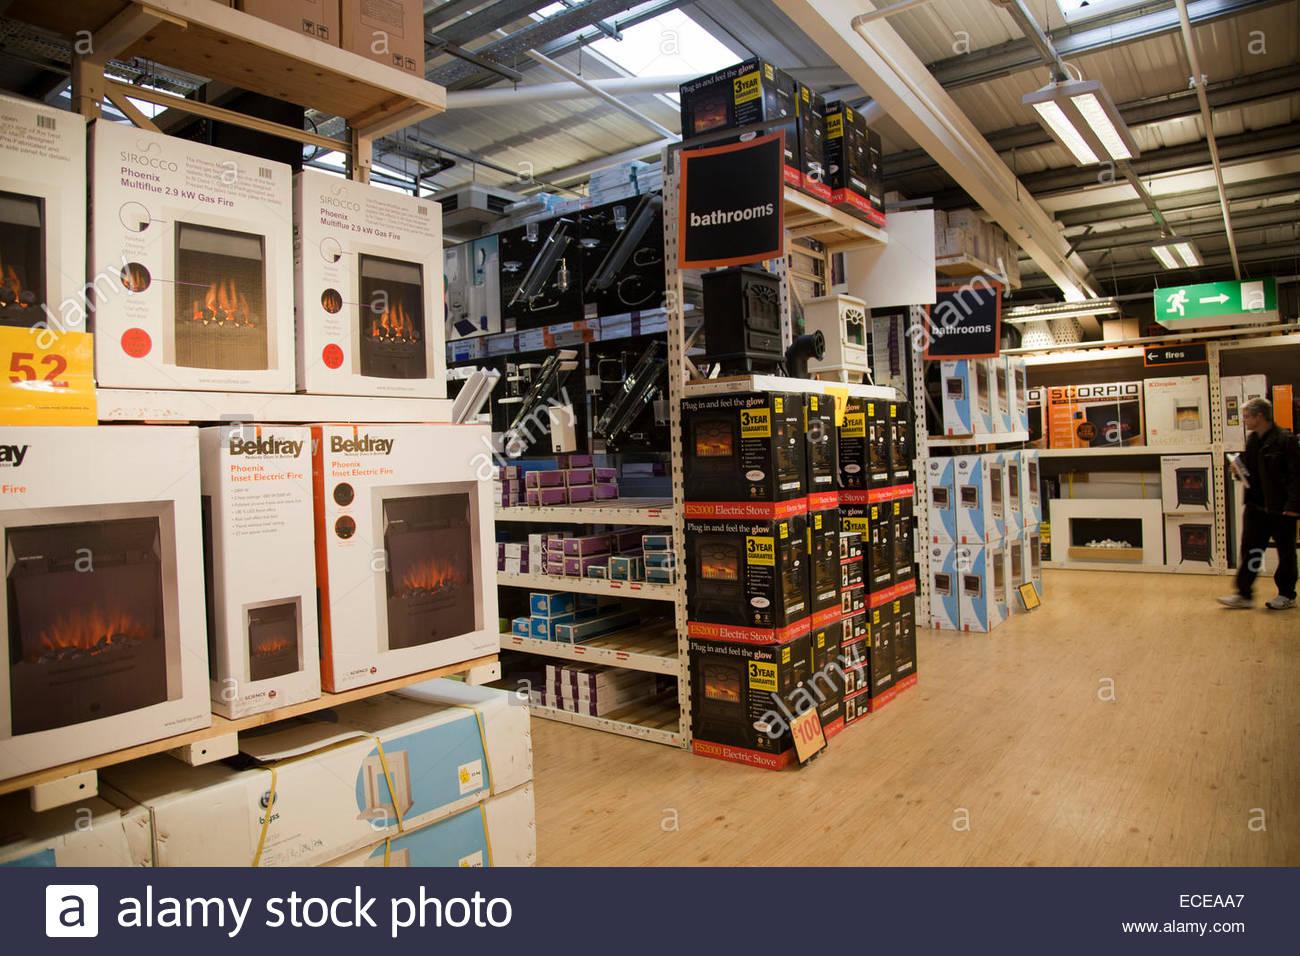 bq interior wandsworth london uk ECEAA7